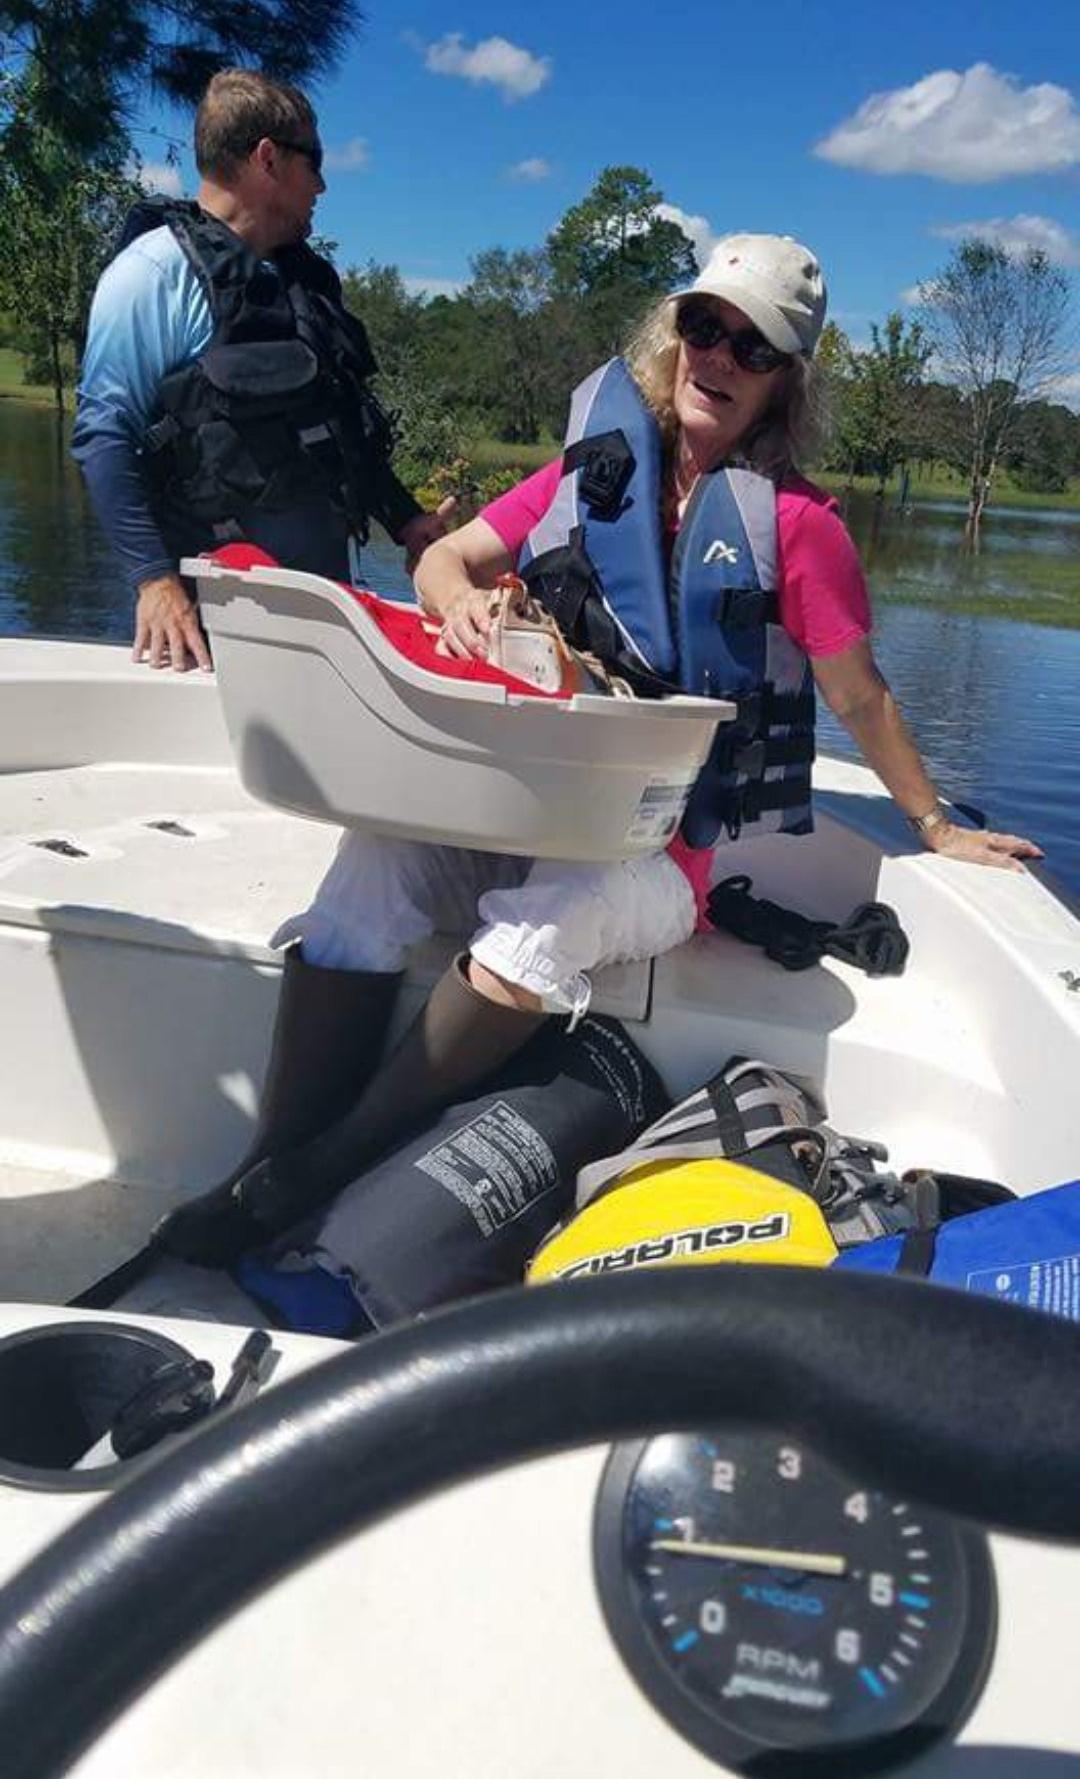 Steinbraker rescue boat